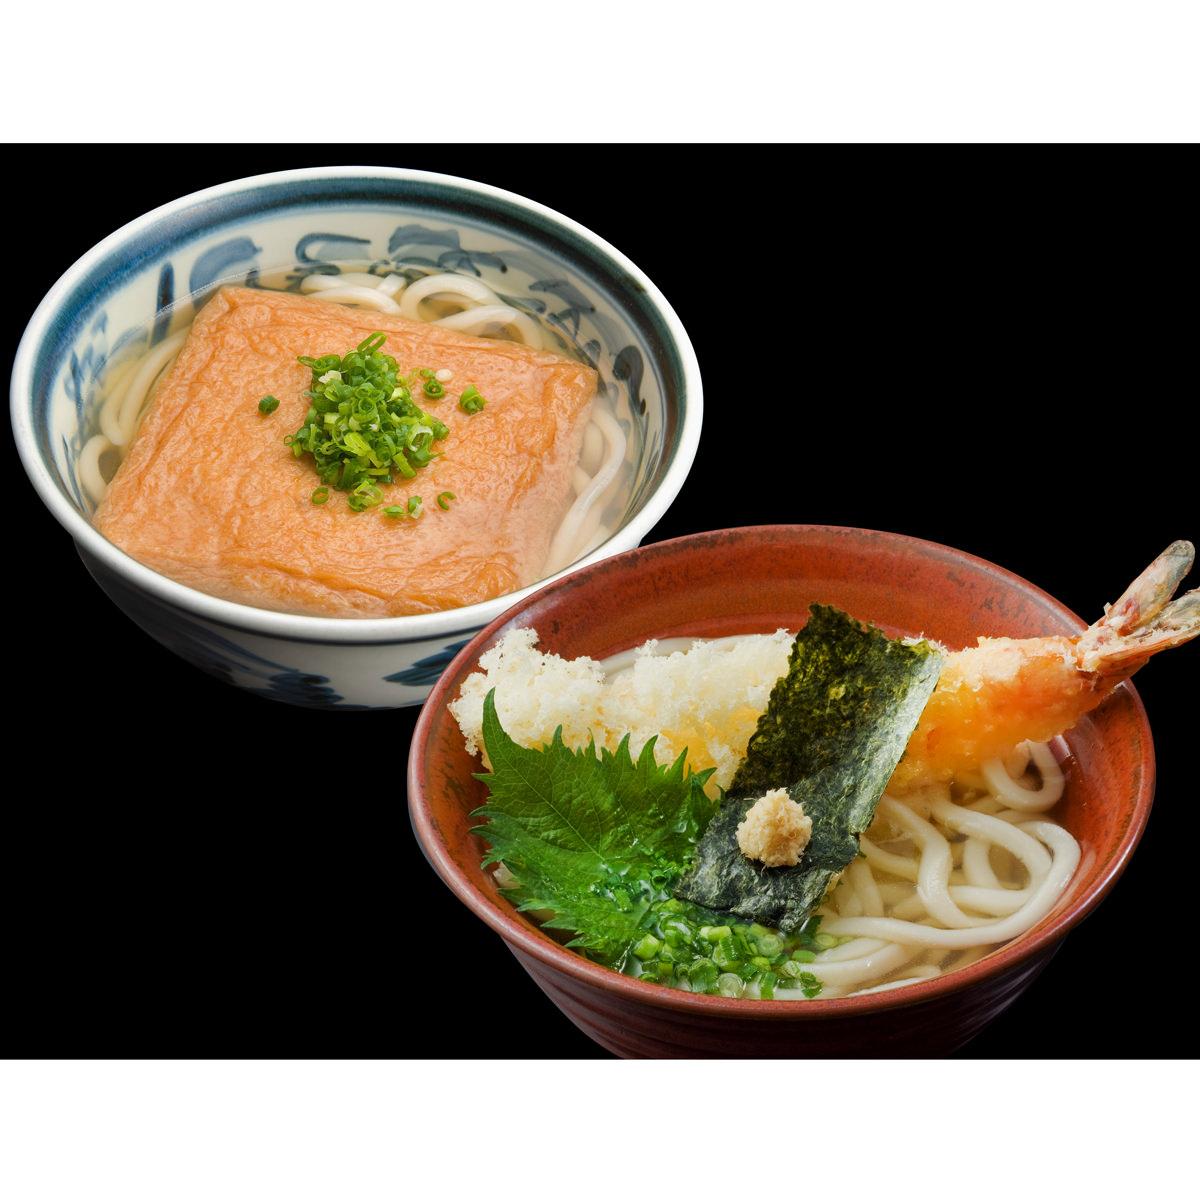 うどん本陣山田家 DX-4 冷凍 大きなえび天ぷらと特製きつねうどんセット 4人前〔味付あげ95g×2ほか〕